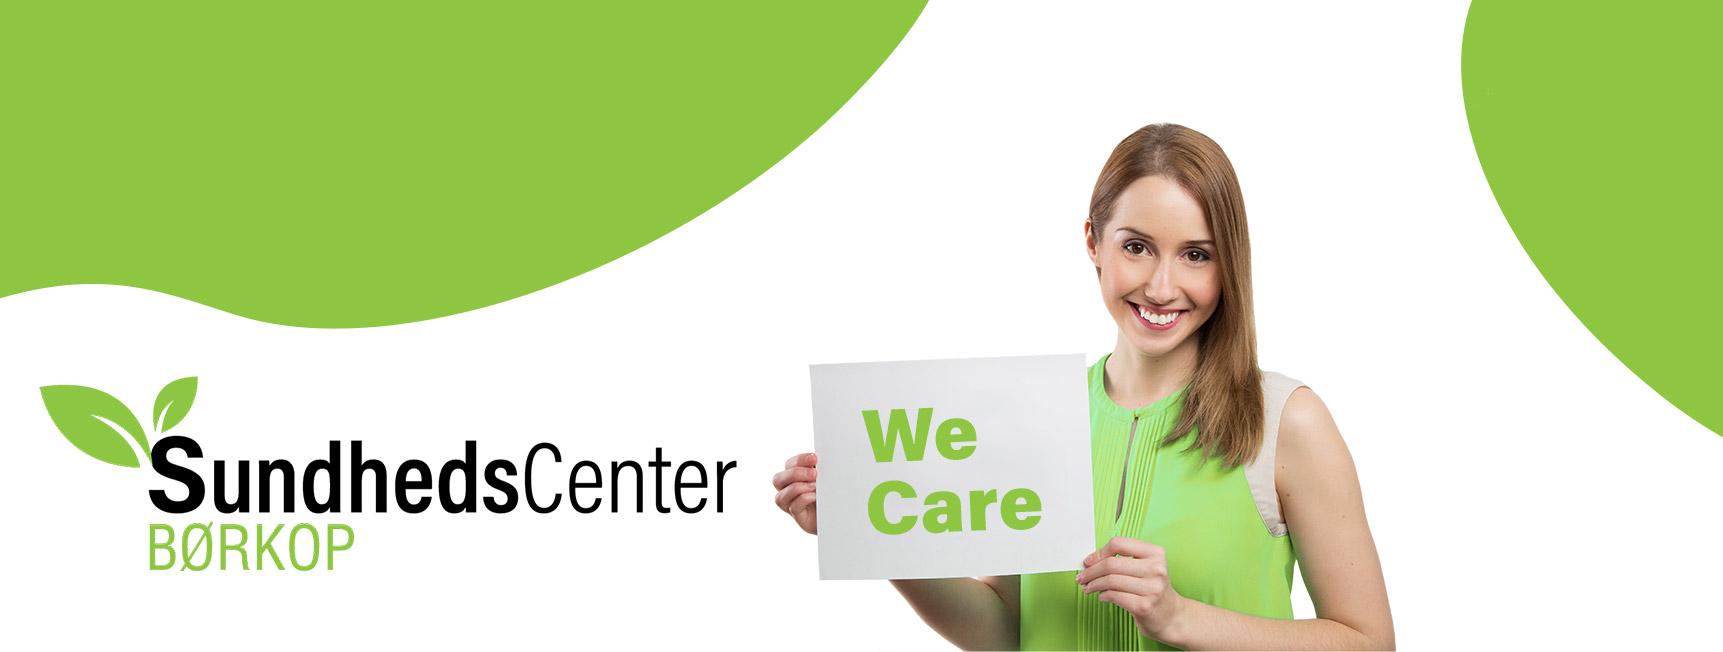 Sundhedscenter Børkop